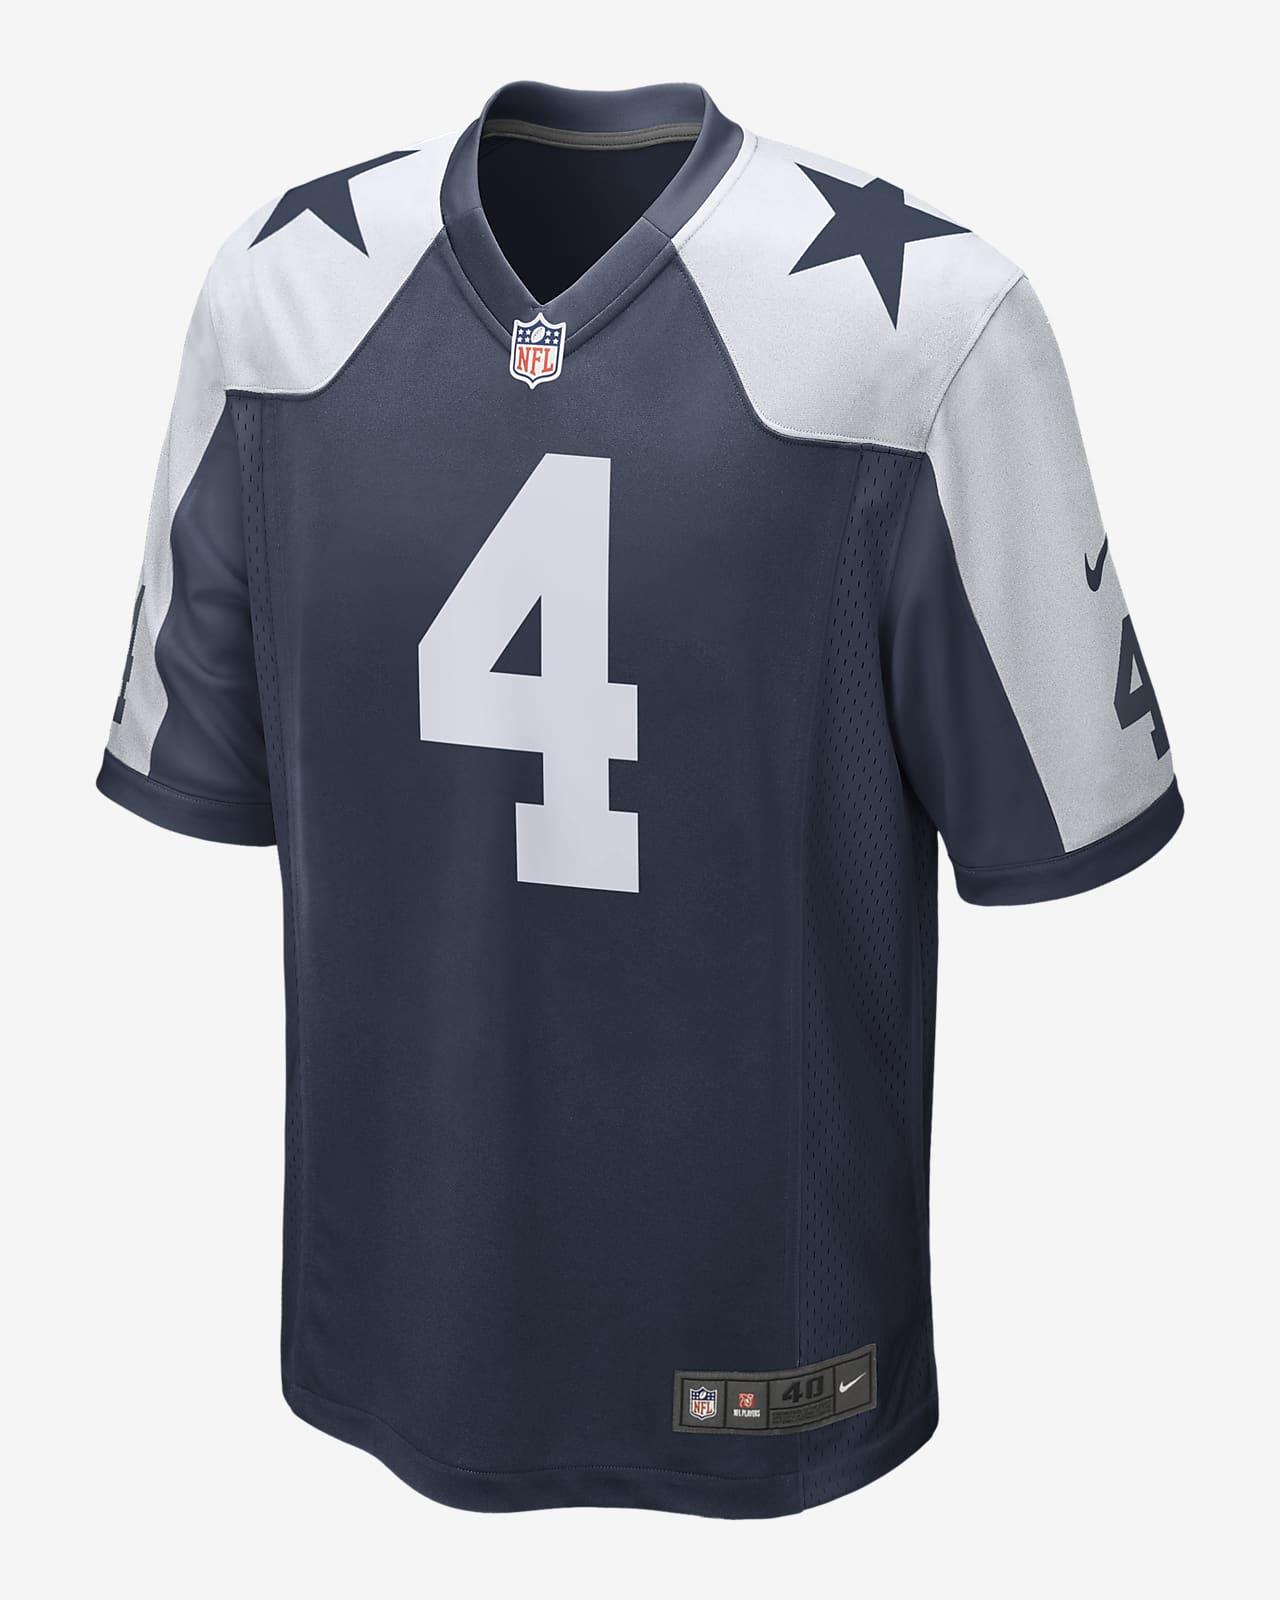 NFL Dallas Cowboys (Dak Prescott) Men's Game Football Jersey